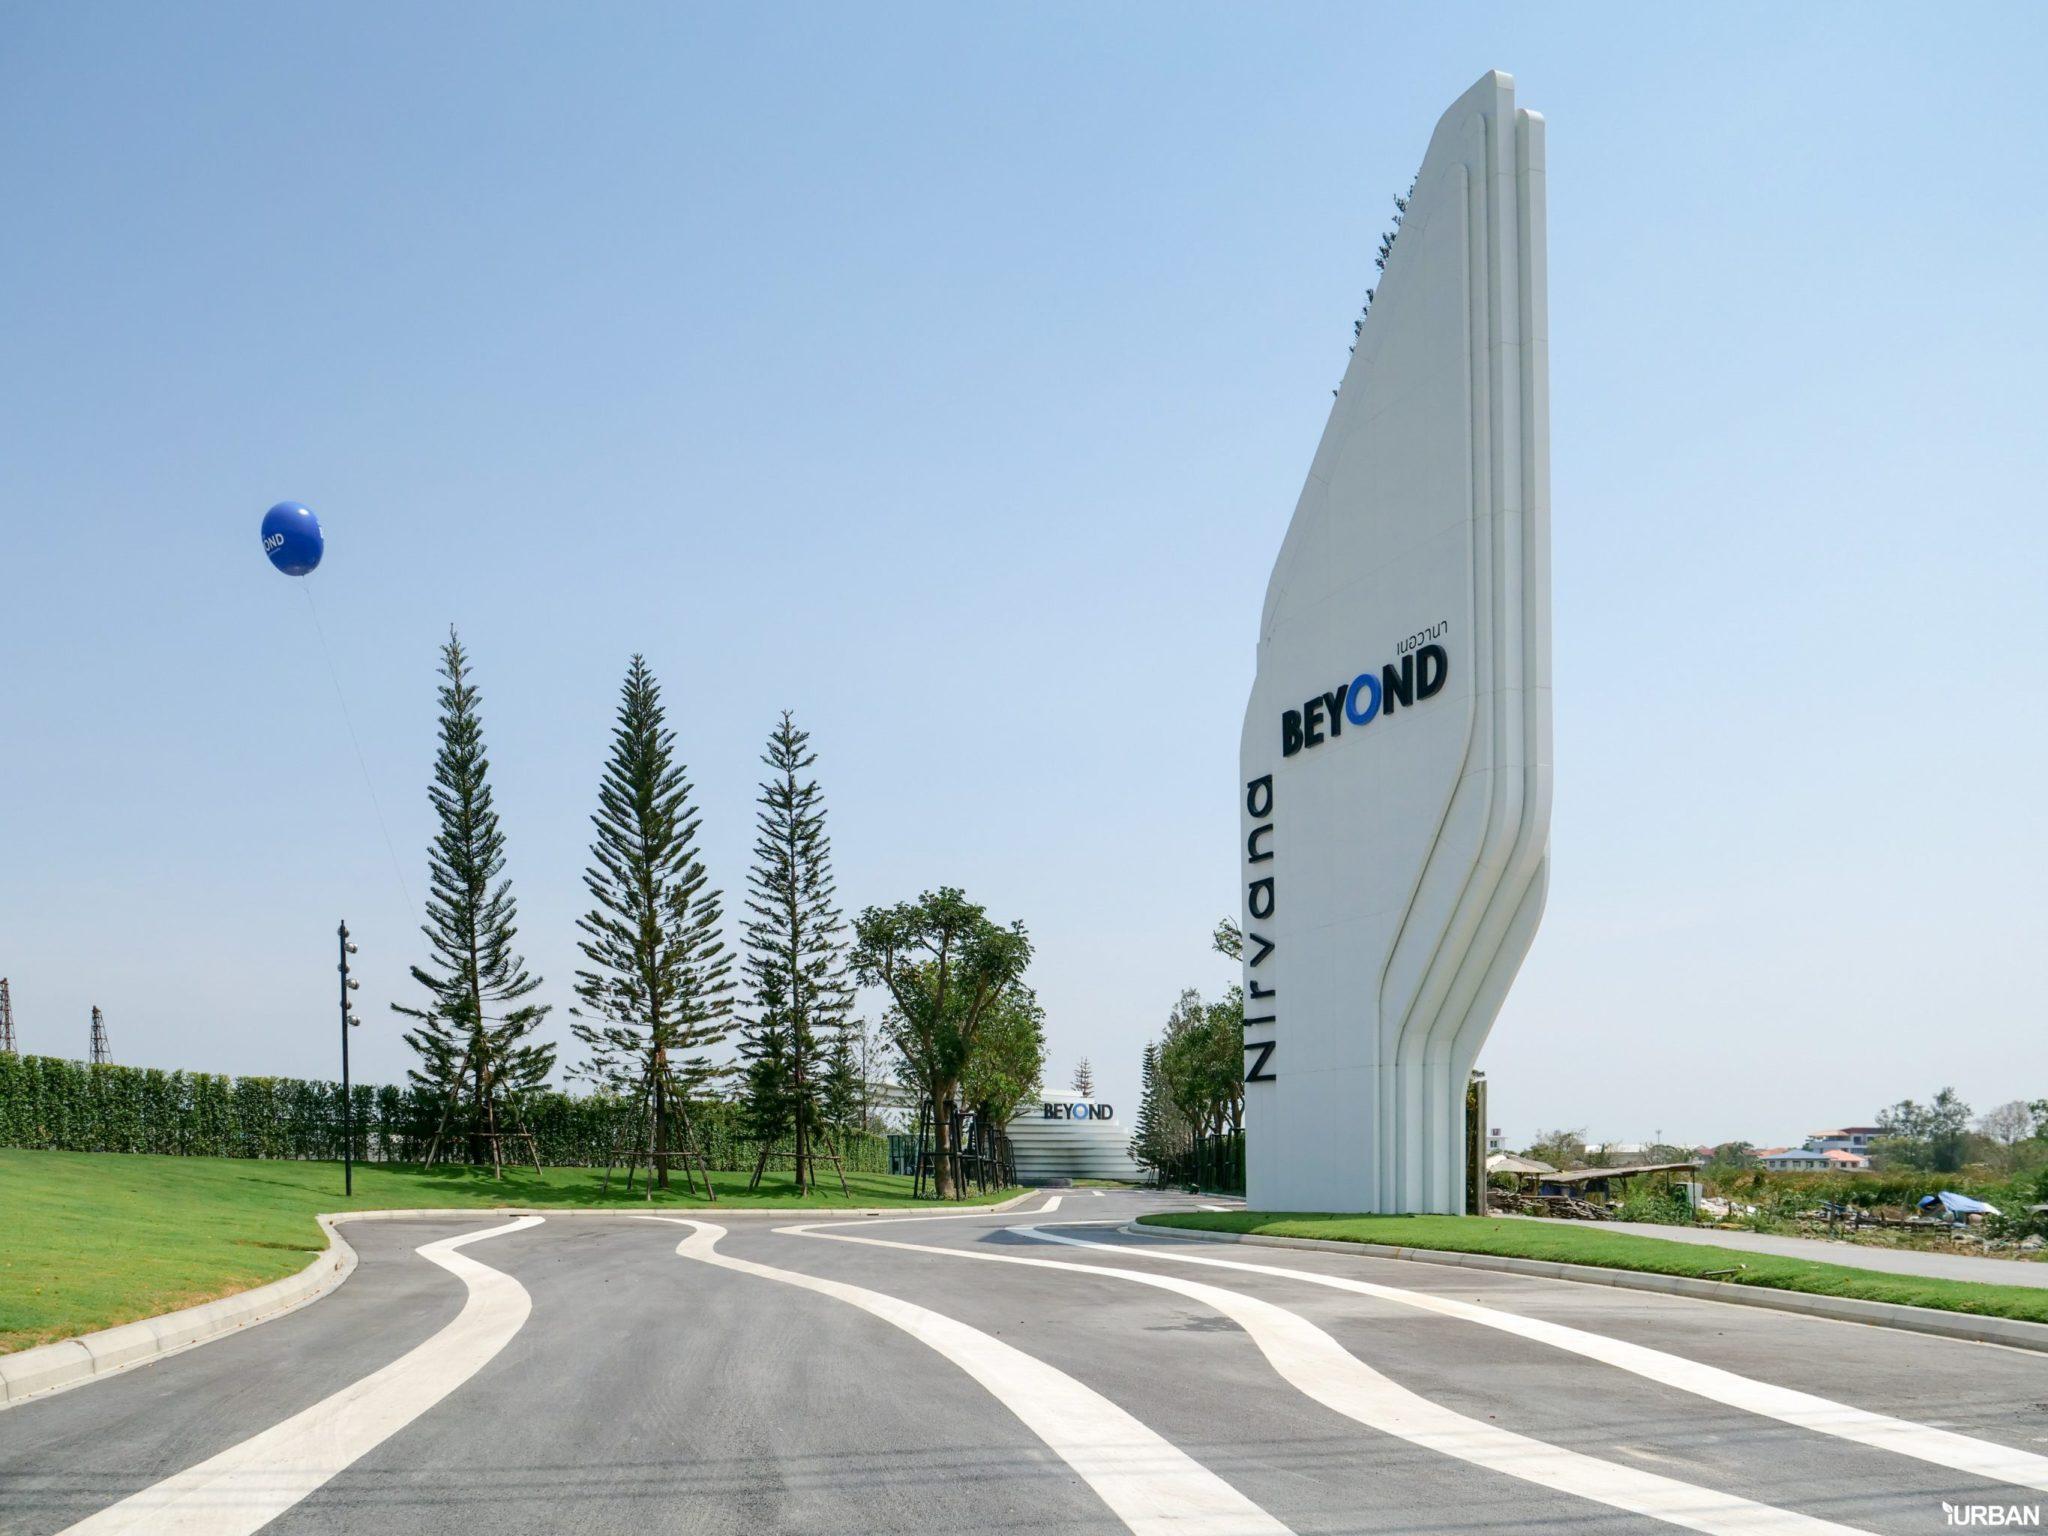 """""""เนอวานา ไดอิ"""" ปฏิวัติรูปแบบการอยู่อาศัย พร้อมเปิดโครงการ """"เนอวานา บียอนด์ พระราม 9-กรุงเทพกรีฑา"""" บ้านต้นแบบแนวคิดใหม่ 16 -"""